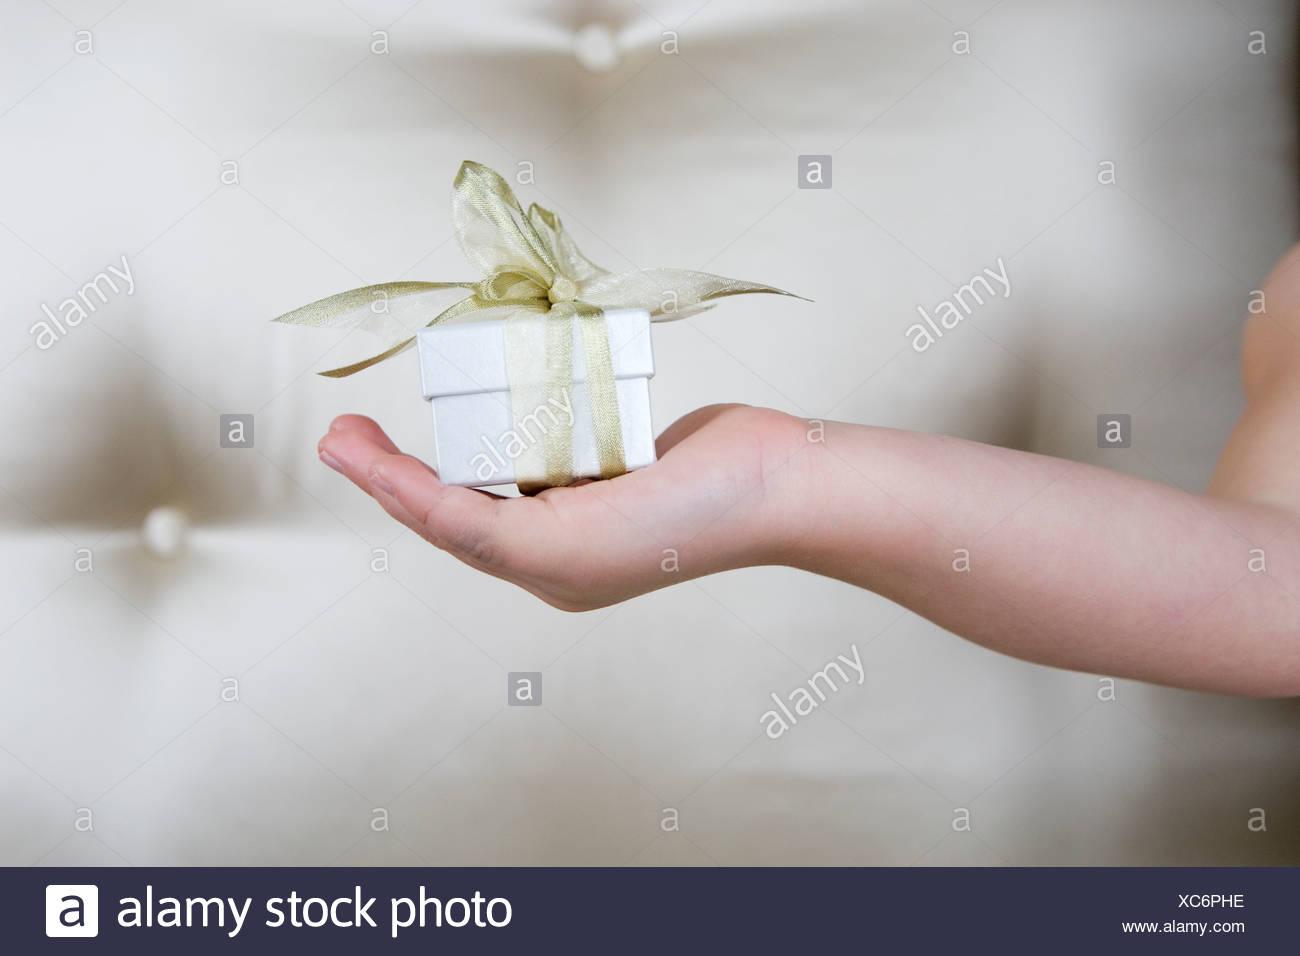 Bambina tenendo un presente, close up Immagini Stock